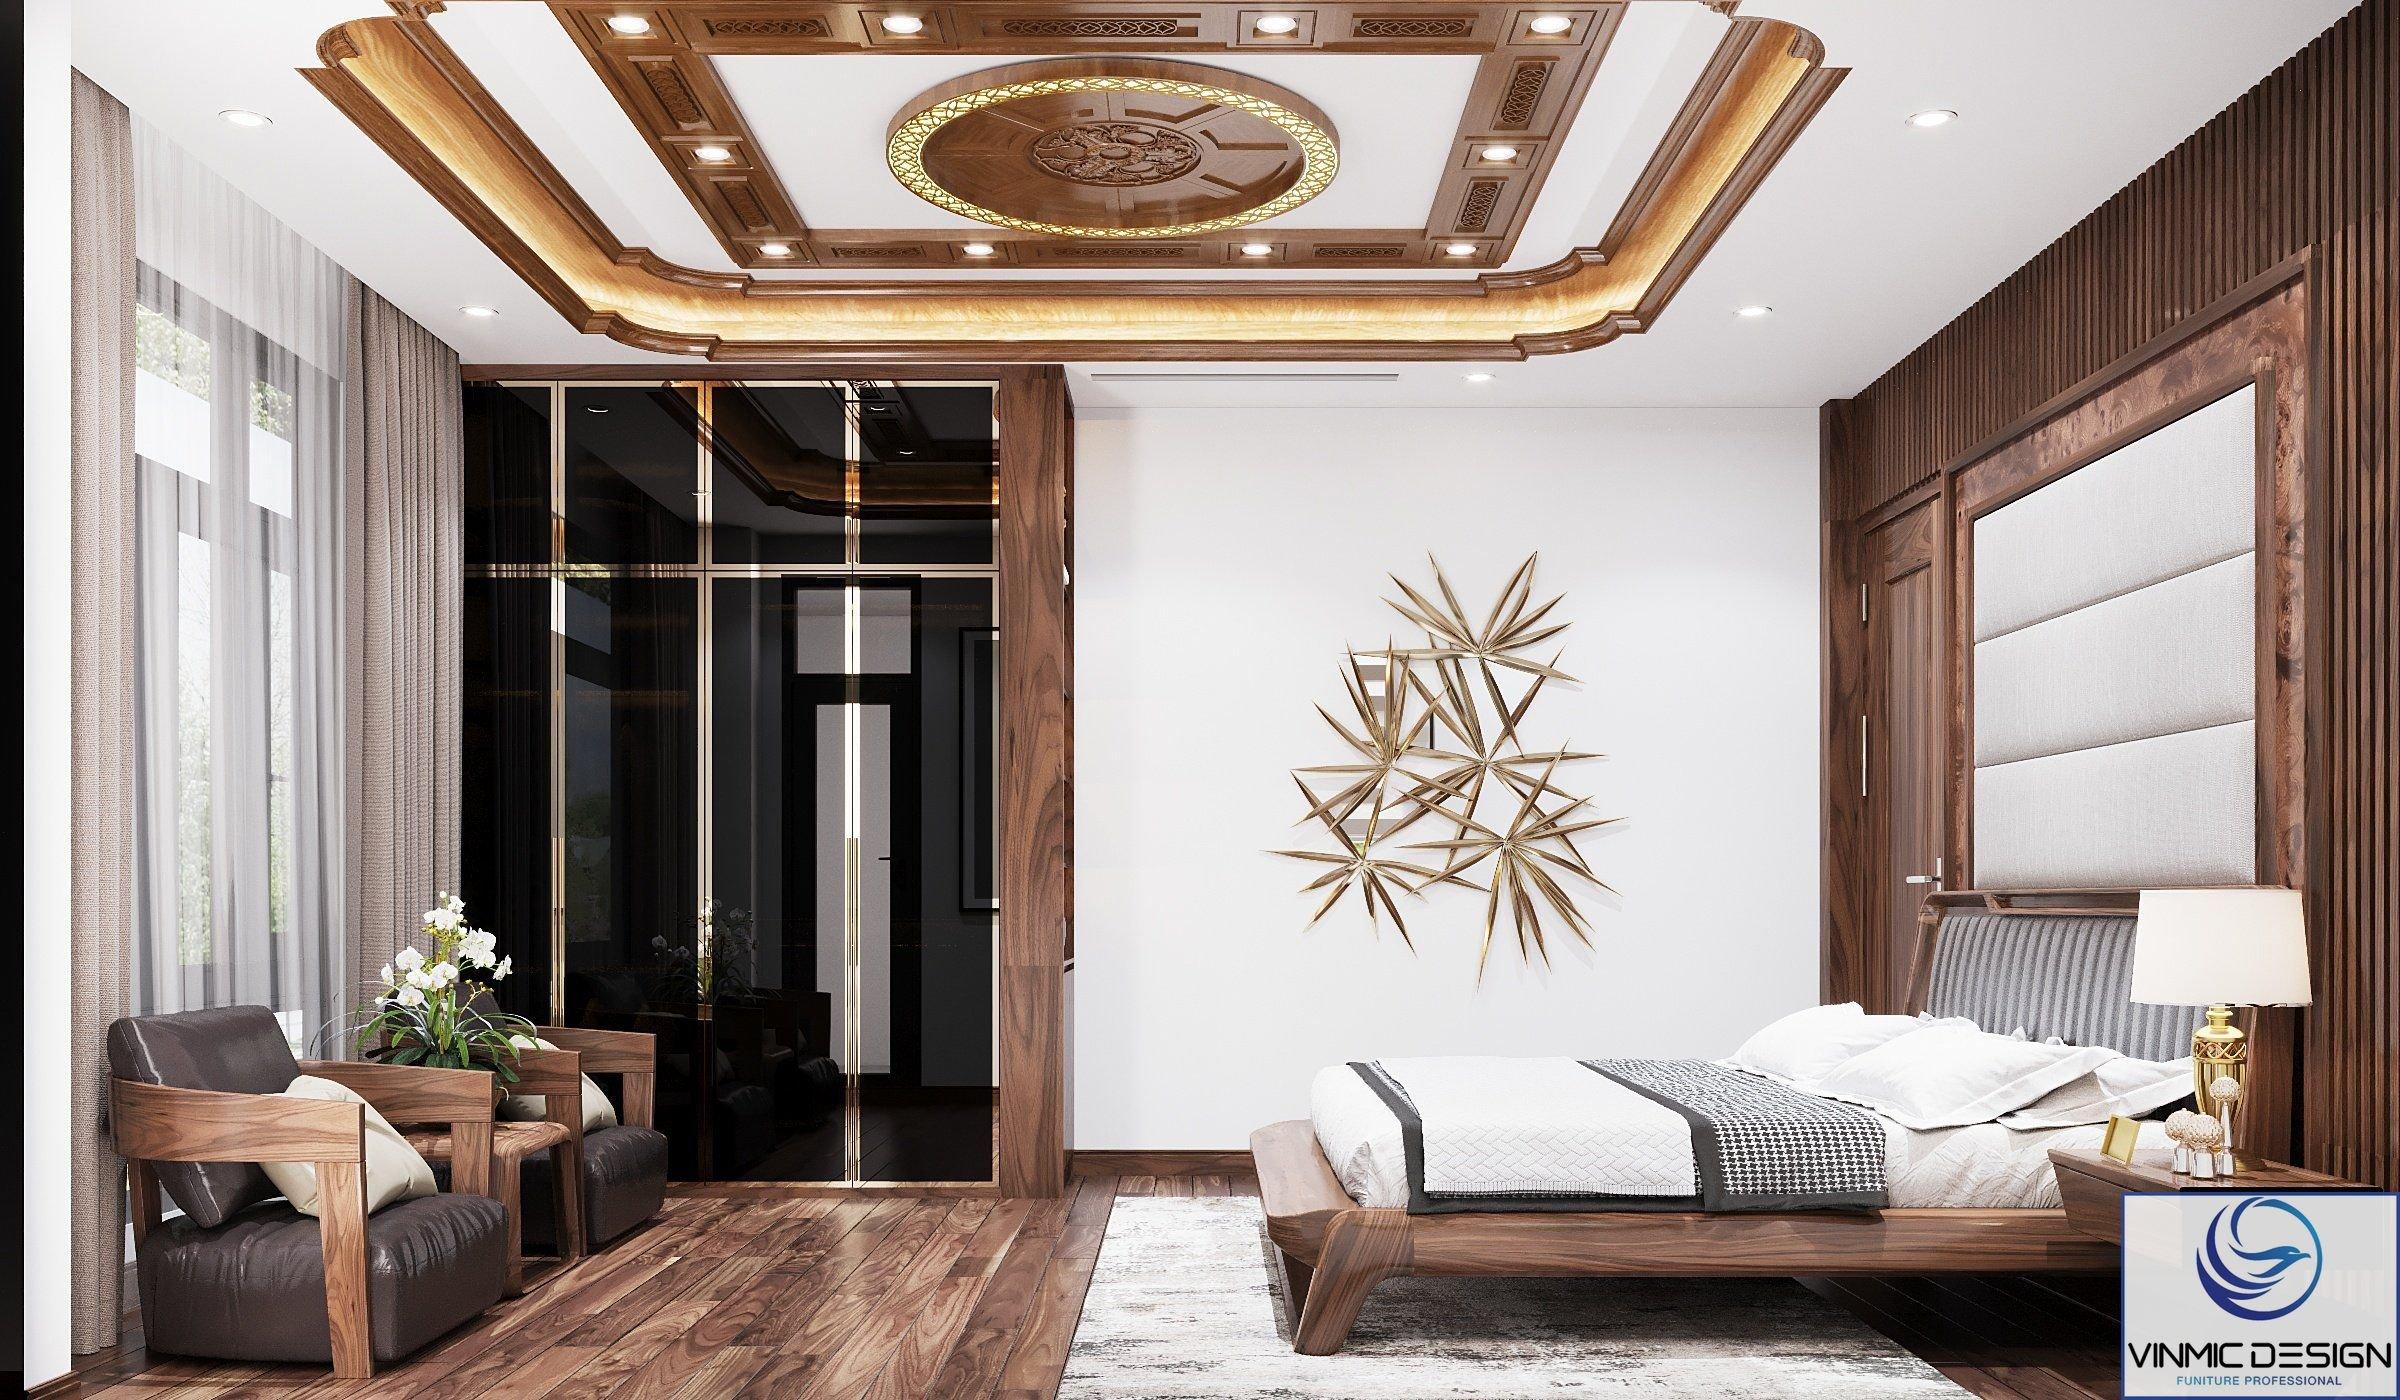 căn phòng sử dụng gỗ óc chó kết hợp với tủ quần áo thể hiện sự hài hoà.